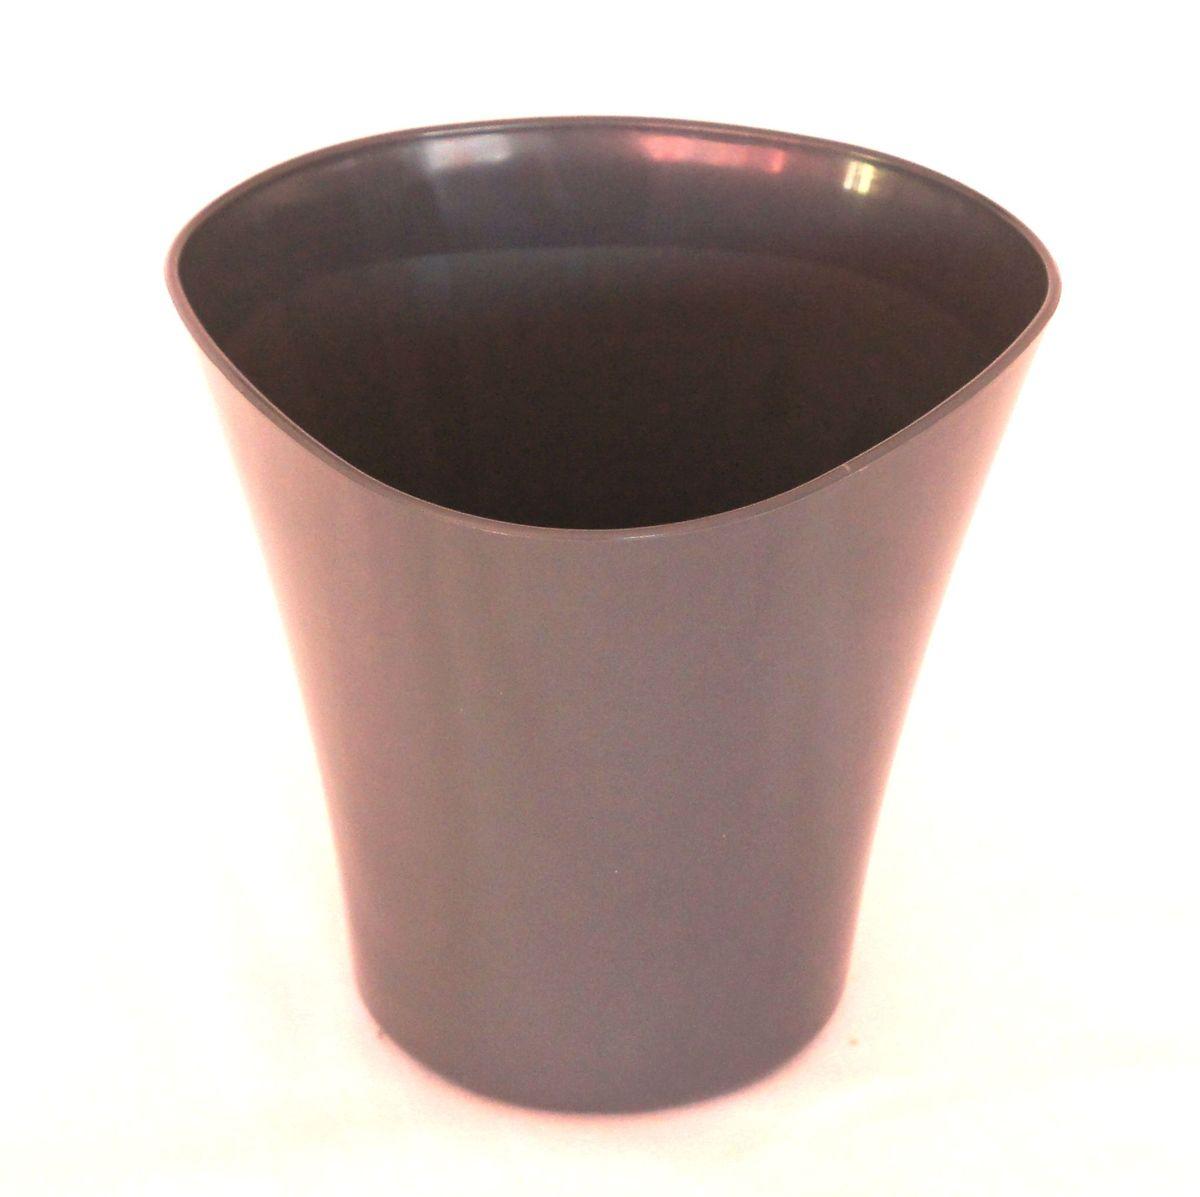 Кашпо JetPlast Волна, цвет: антрацит, 1,5 л4612754051274Кашпо Волна имеет уникальную форму, сочетающуюся как с классическим, так и с современным дизайном интерьера. Оно изготовлено из прочного полипропилена (пластика) и предназначено для выращивания растений, цветов и трав в домашних условиях. Такое кашпо порадует вас функциональностью, а благодаря лаконичному дизайну впишется в любой интерьер помещения. Объем кашпо: 1,5 л.